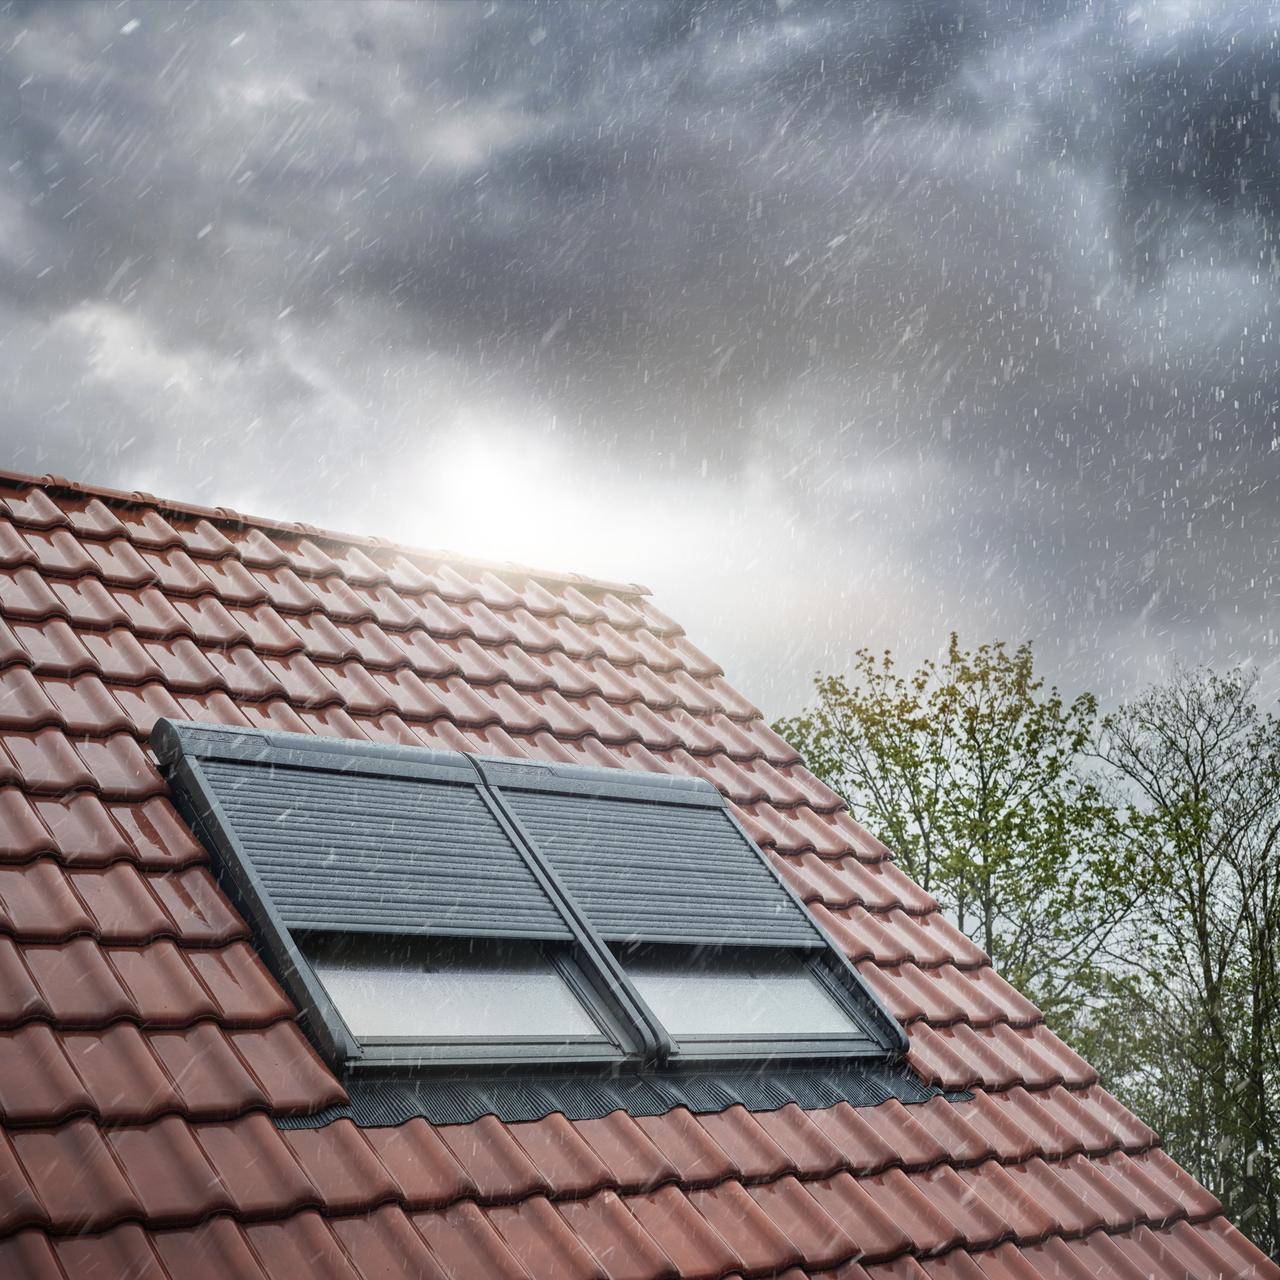 Rolety zewnętrzne redukują hałas w czasie deszczu